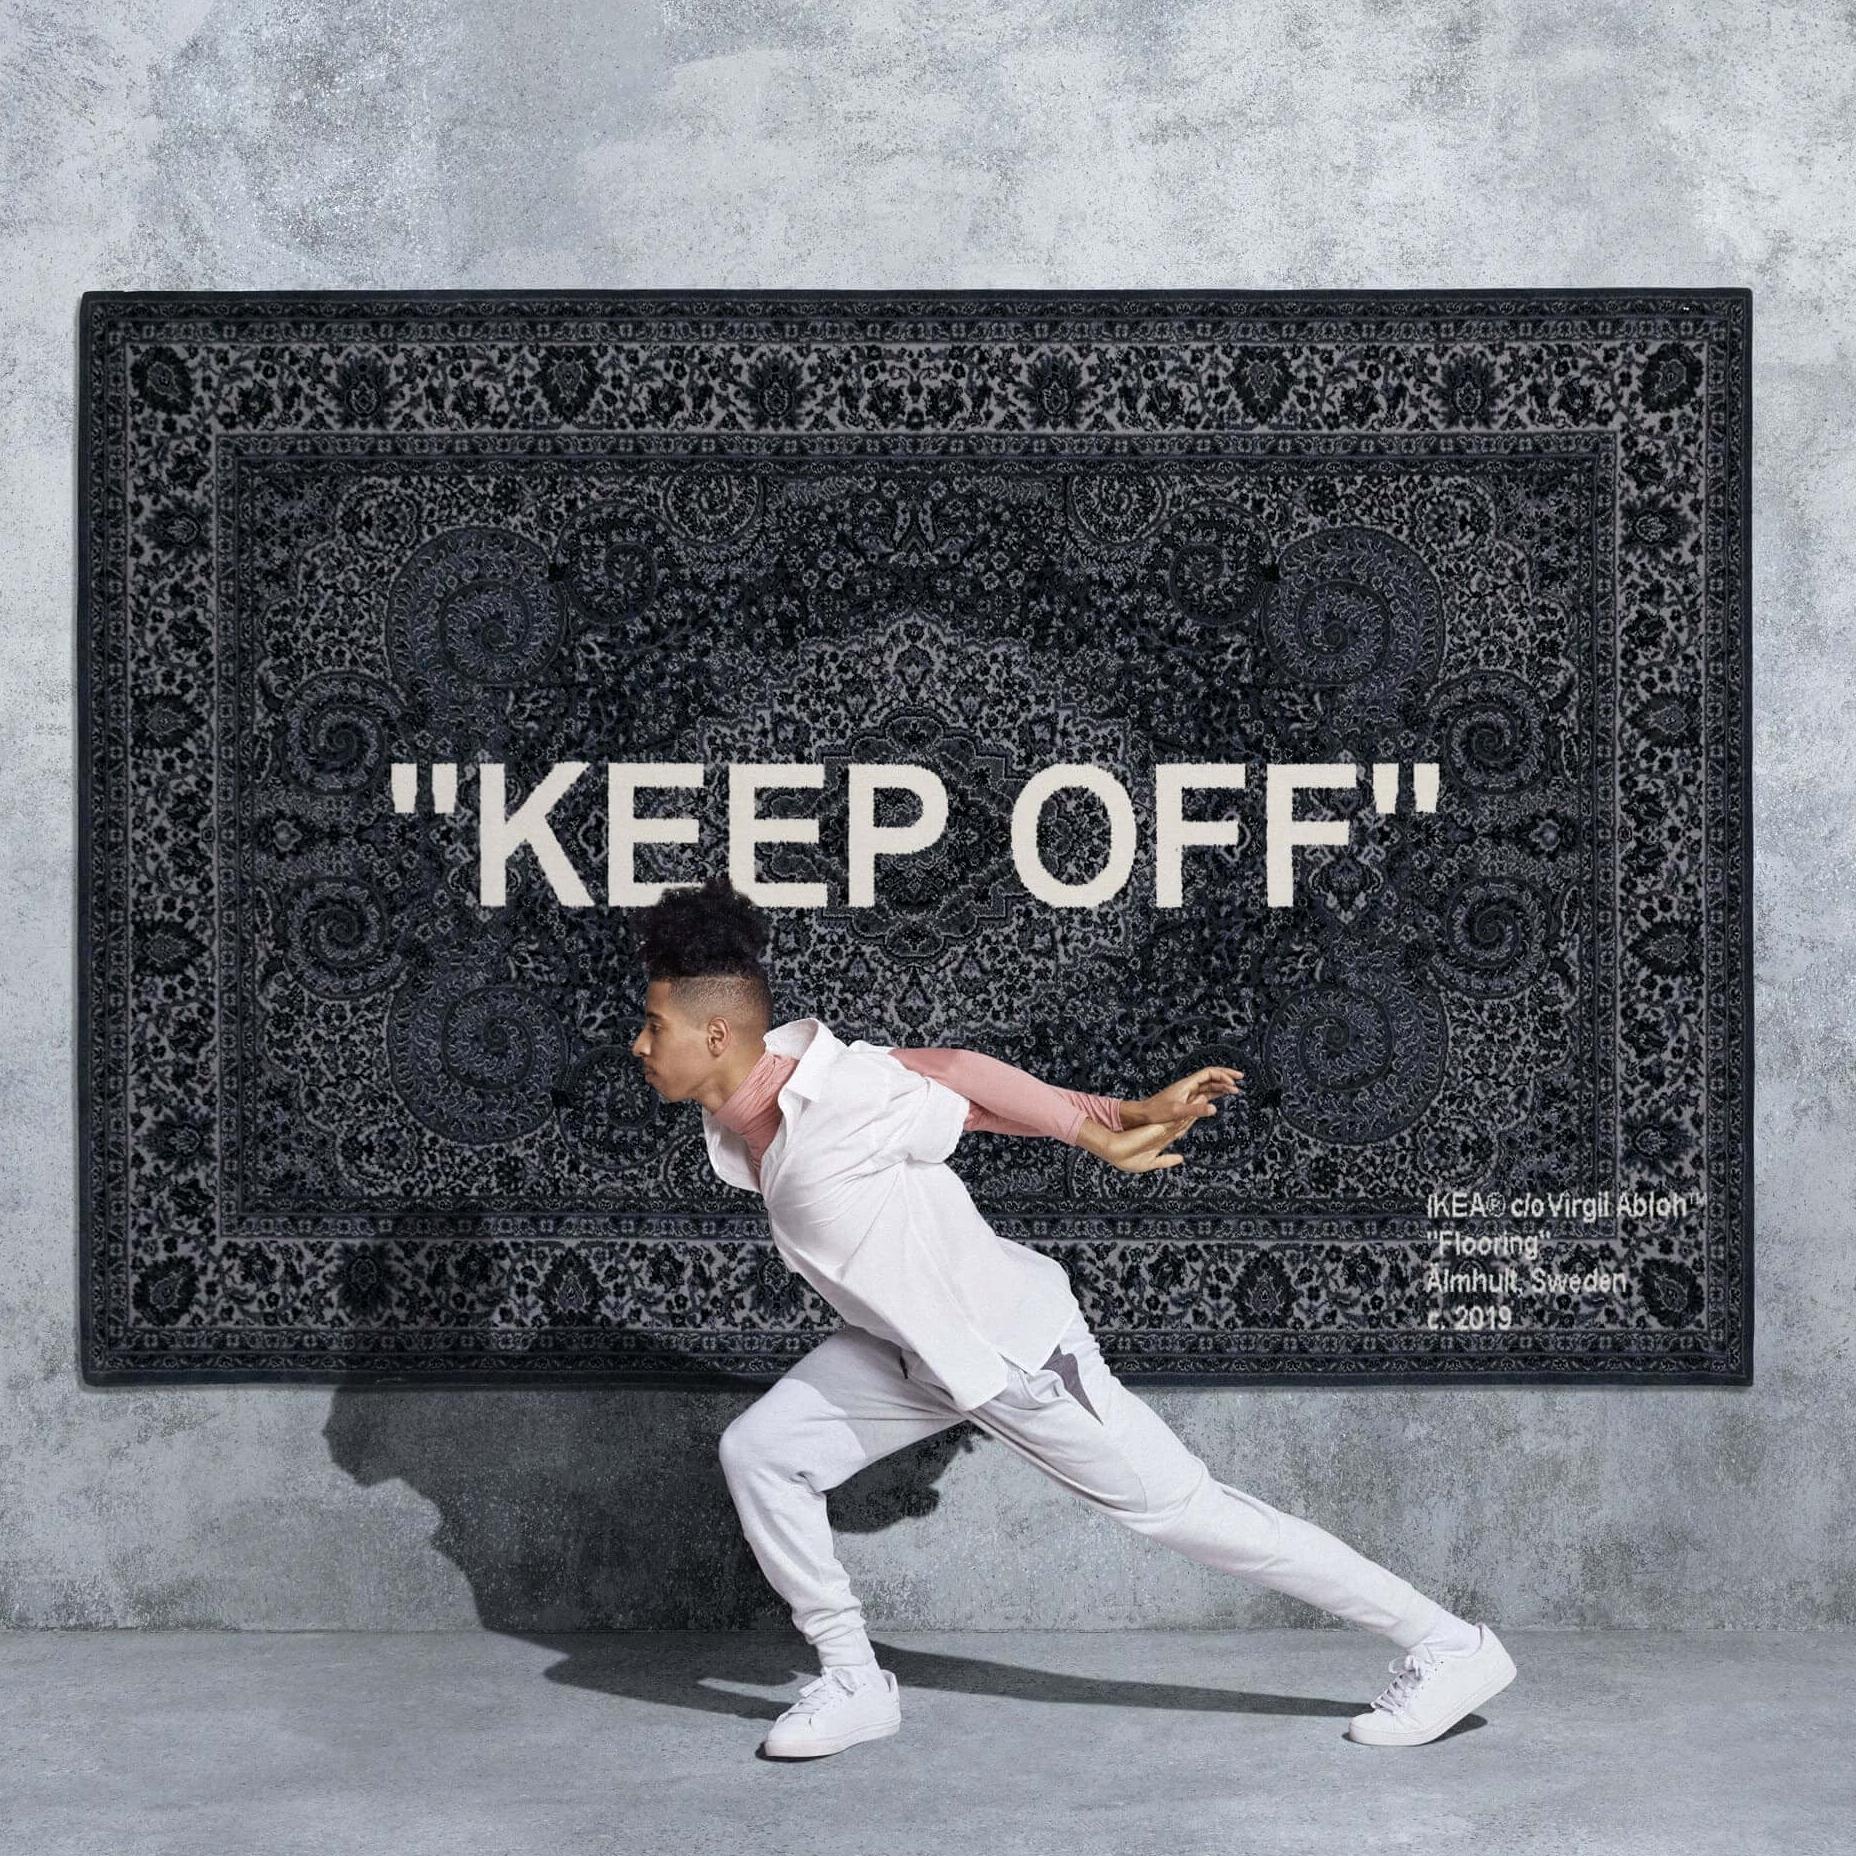 讓藝術融入生活─2019 IKEAArt Event 八款限量地毯 5/15 在台上市!